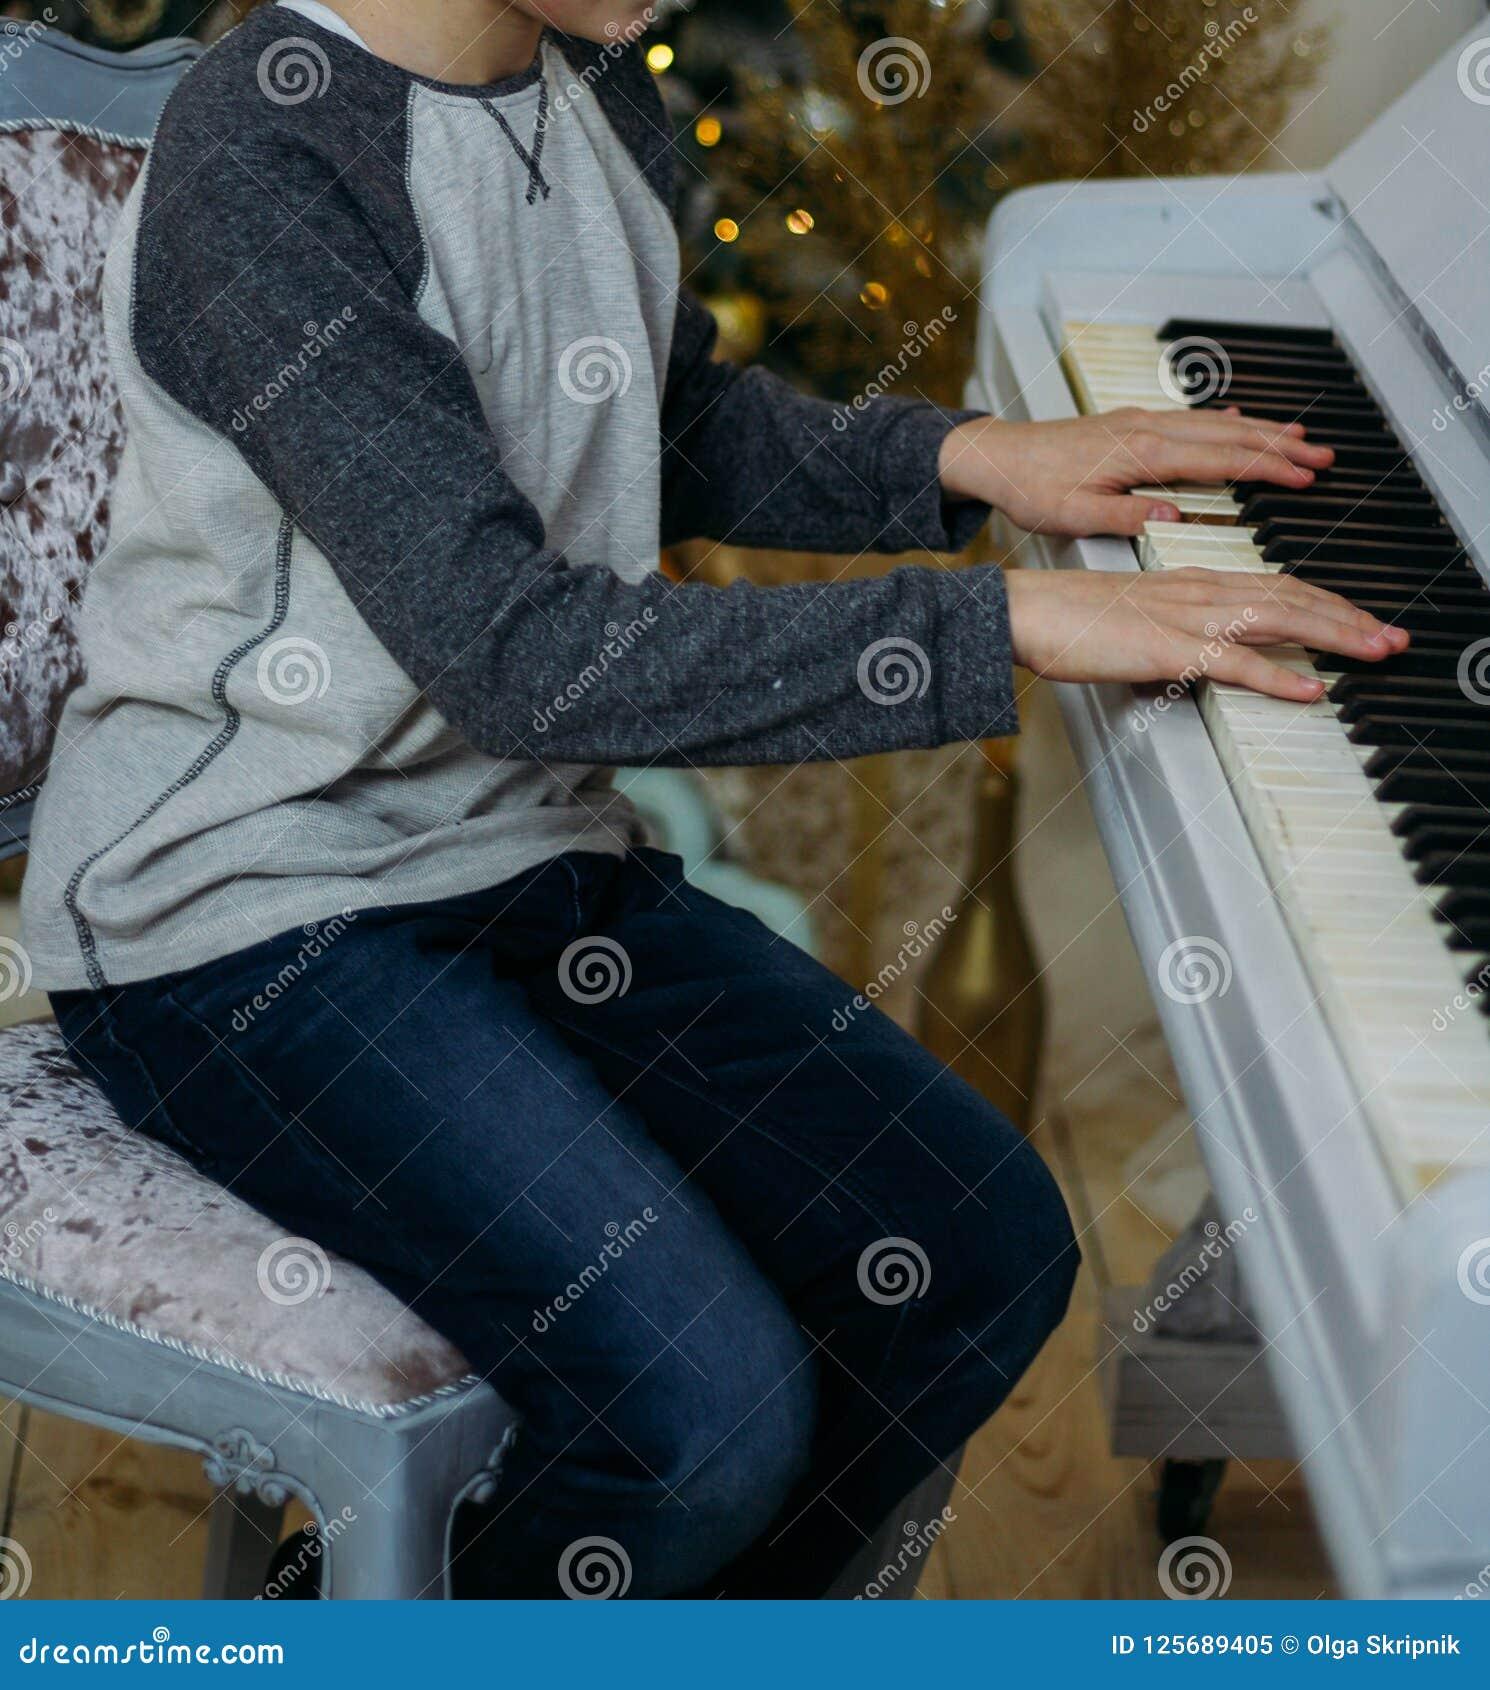 Pojken spelar pianot Han sitter på en stol nära pianoforten Övning spela instrumentet trycker på pianotangenterna